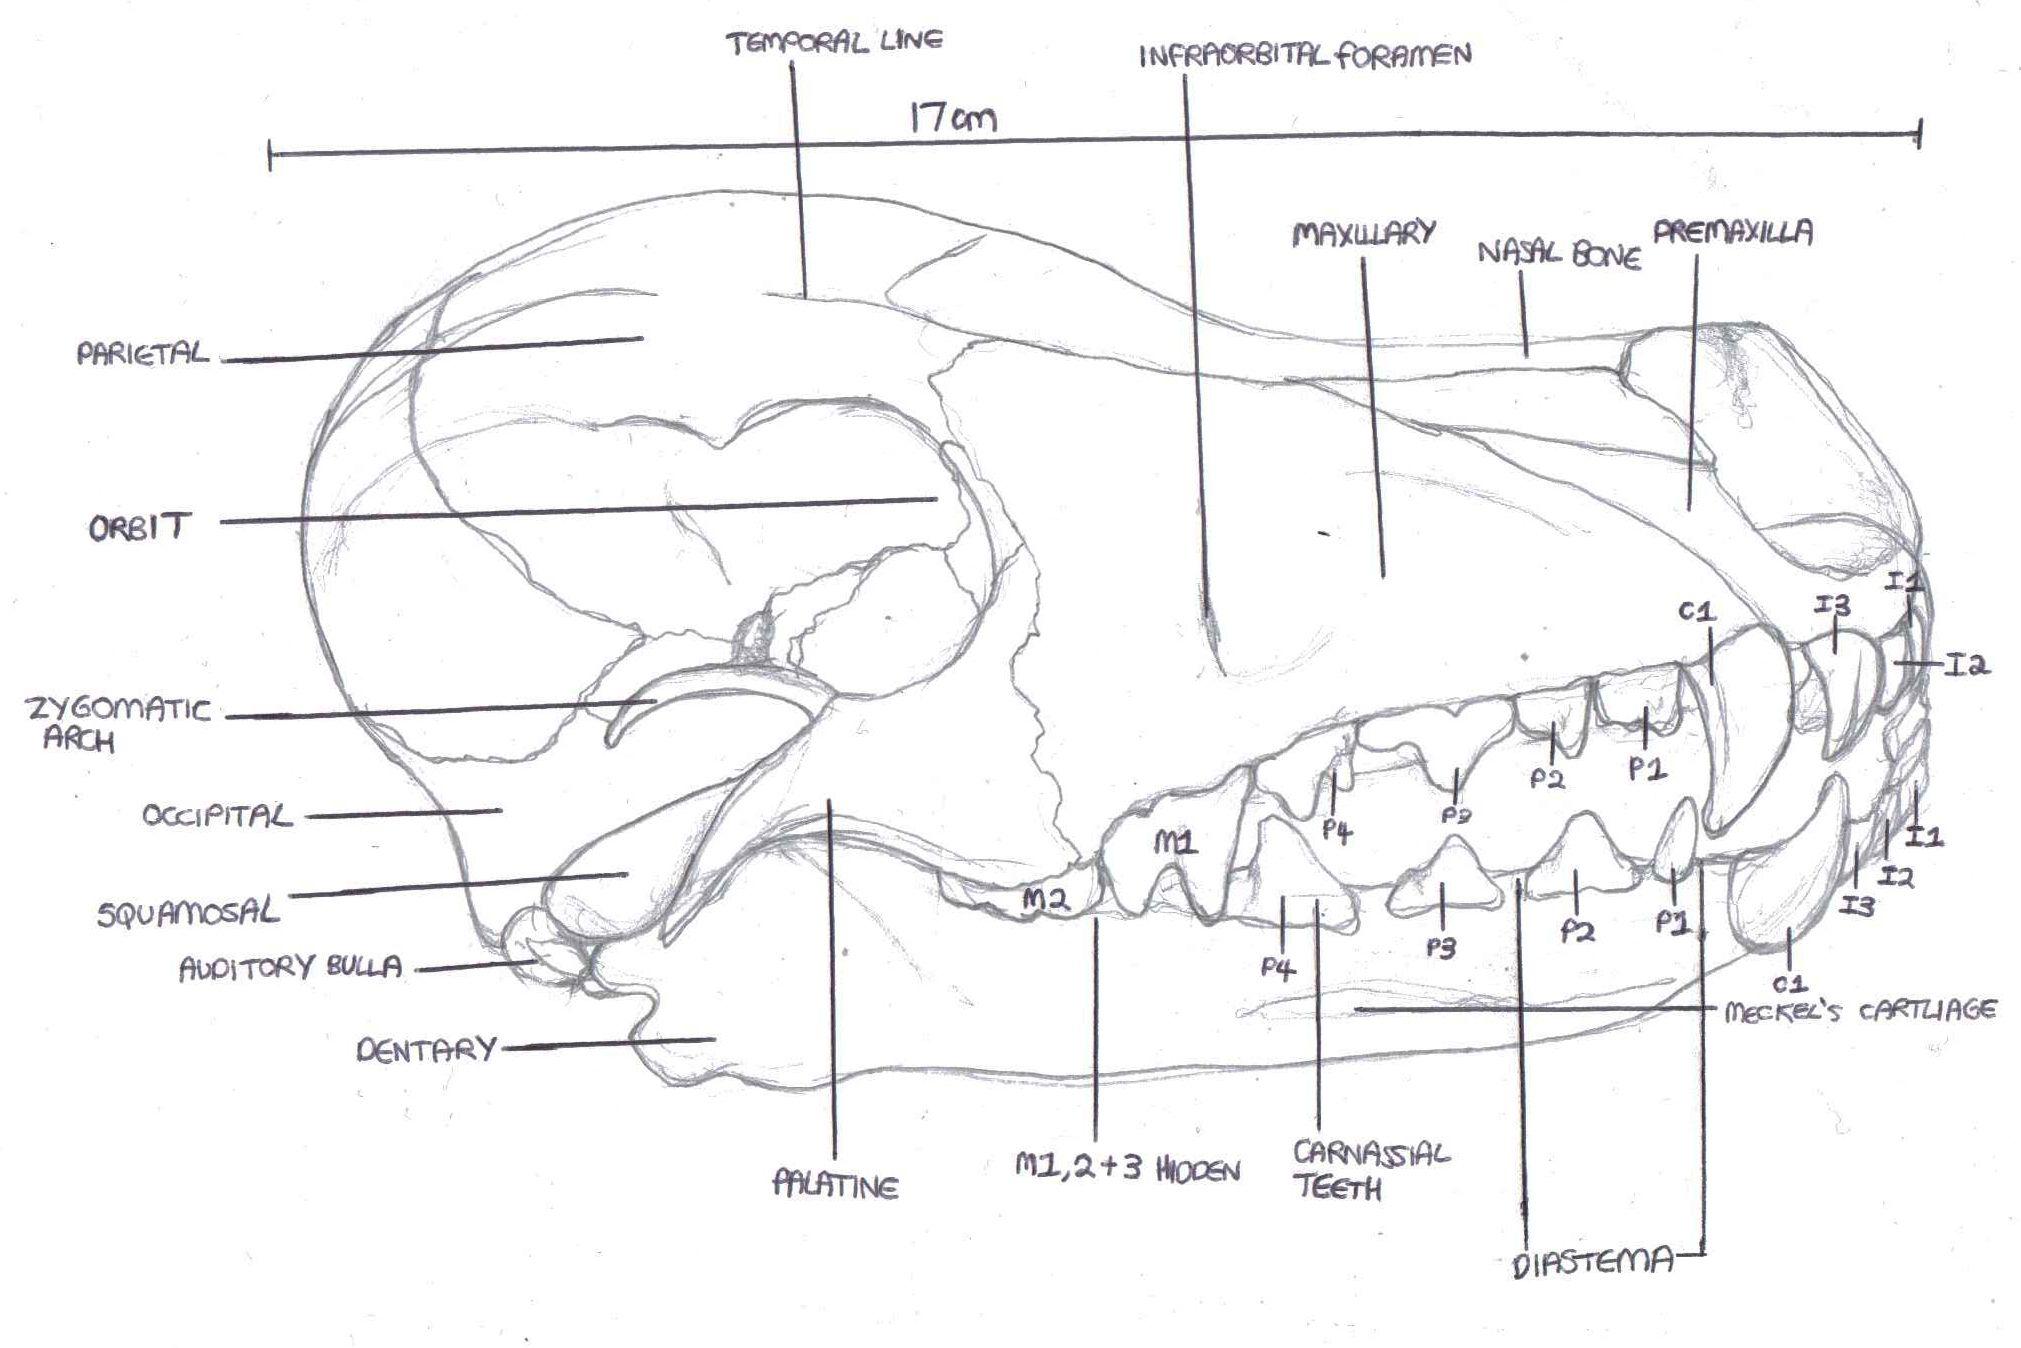 skeletal anatomy of a dog specimen